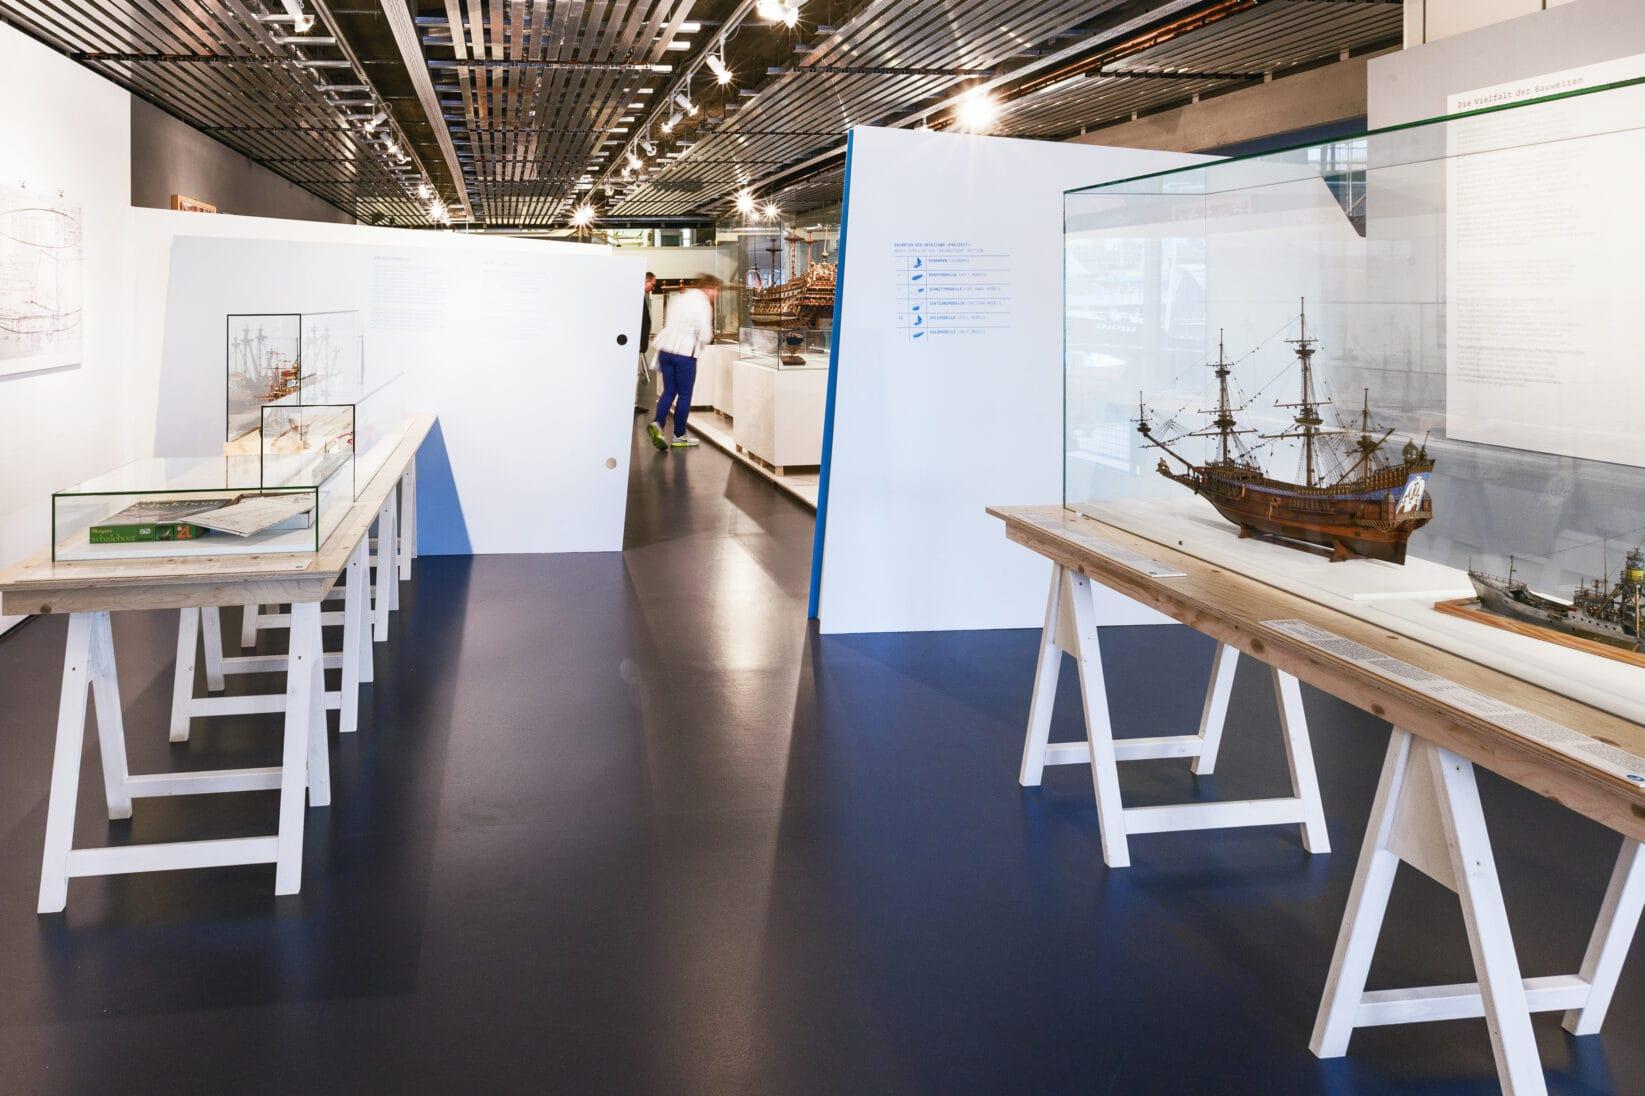 Leitsystem DSM Schifffahrtsmuseum Raum Austellungsgrafik